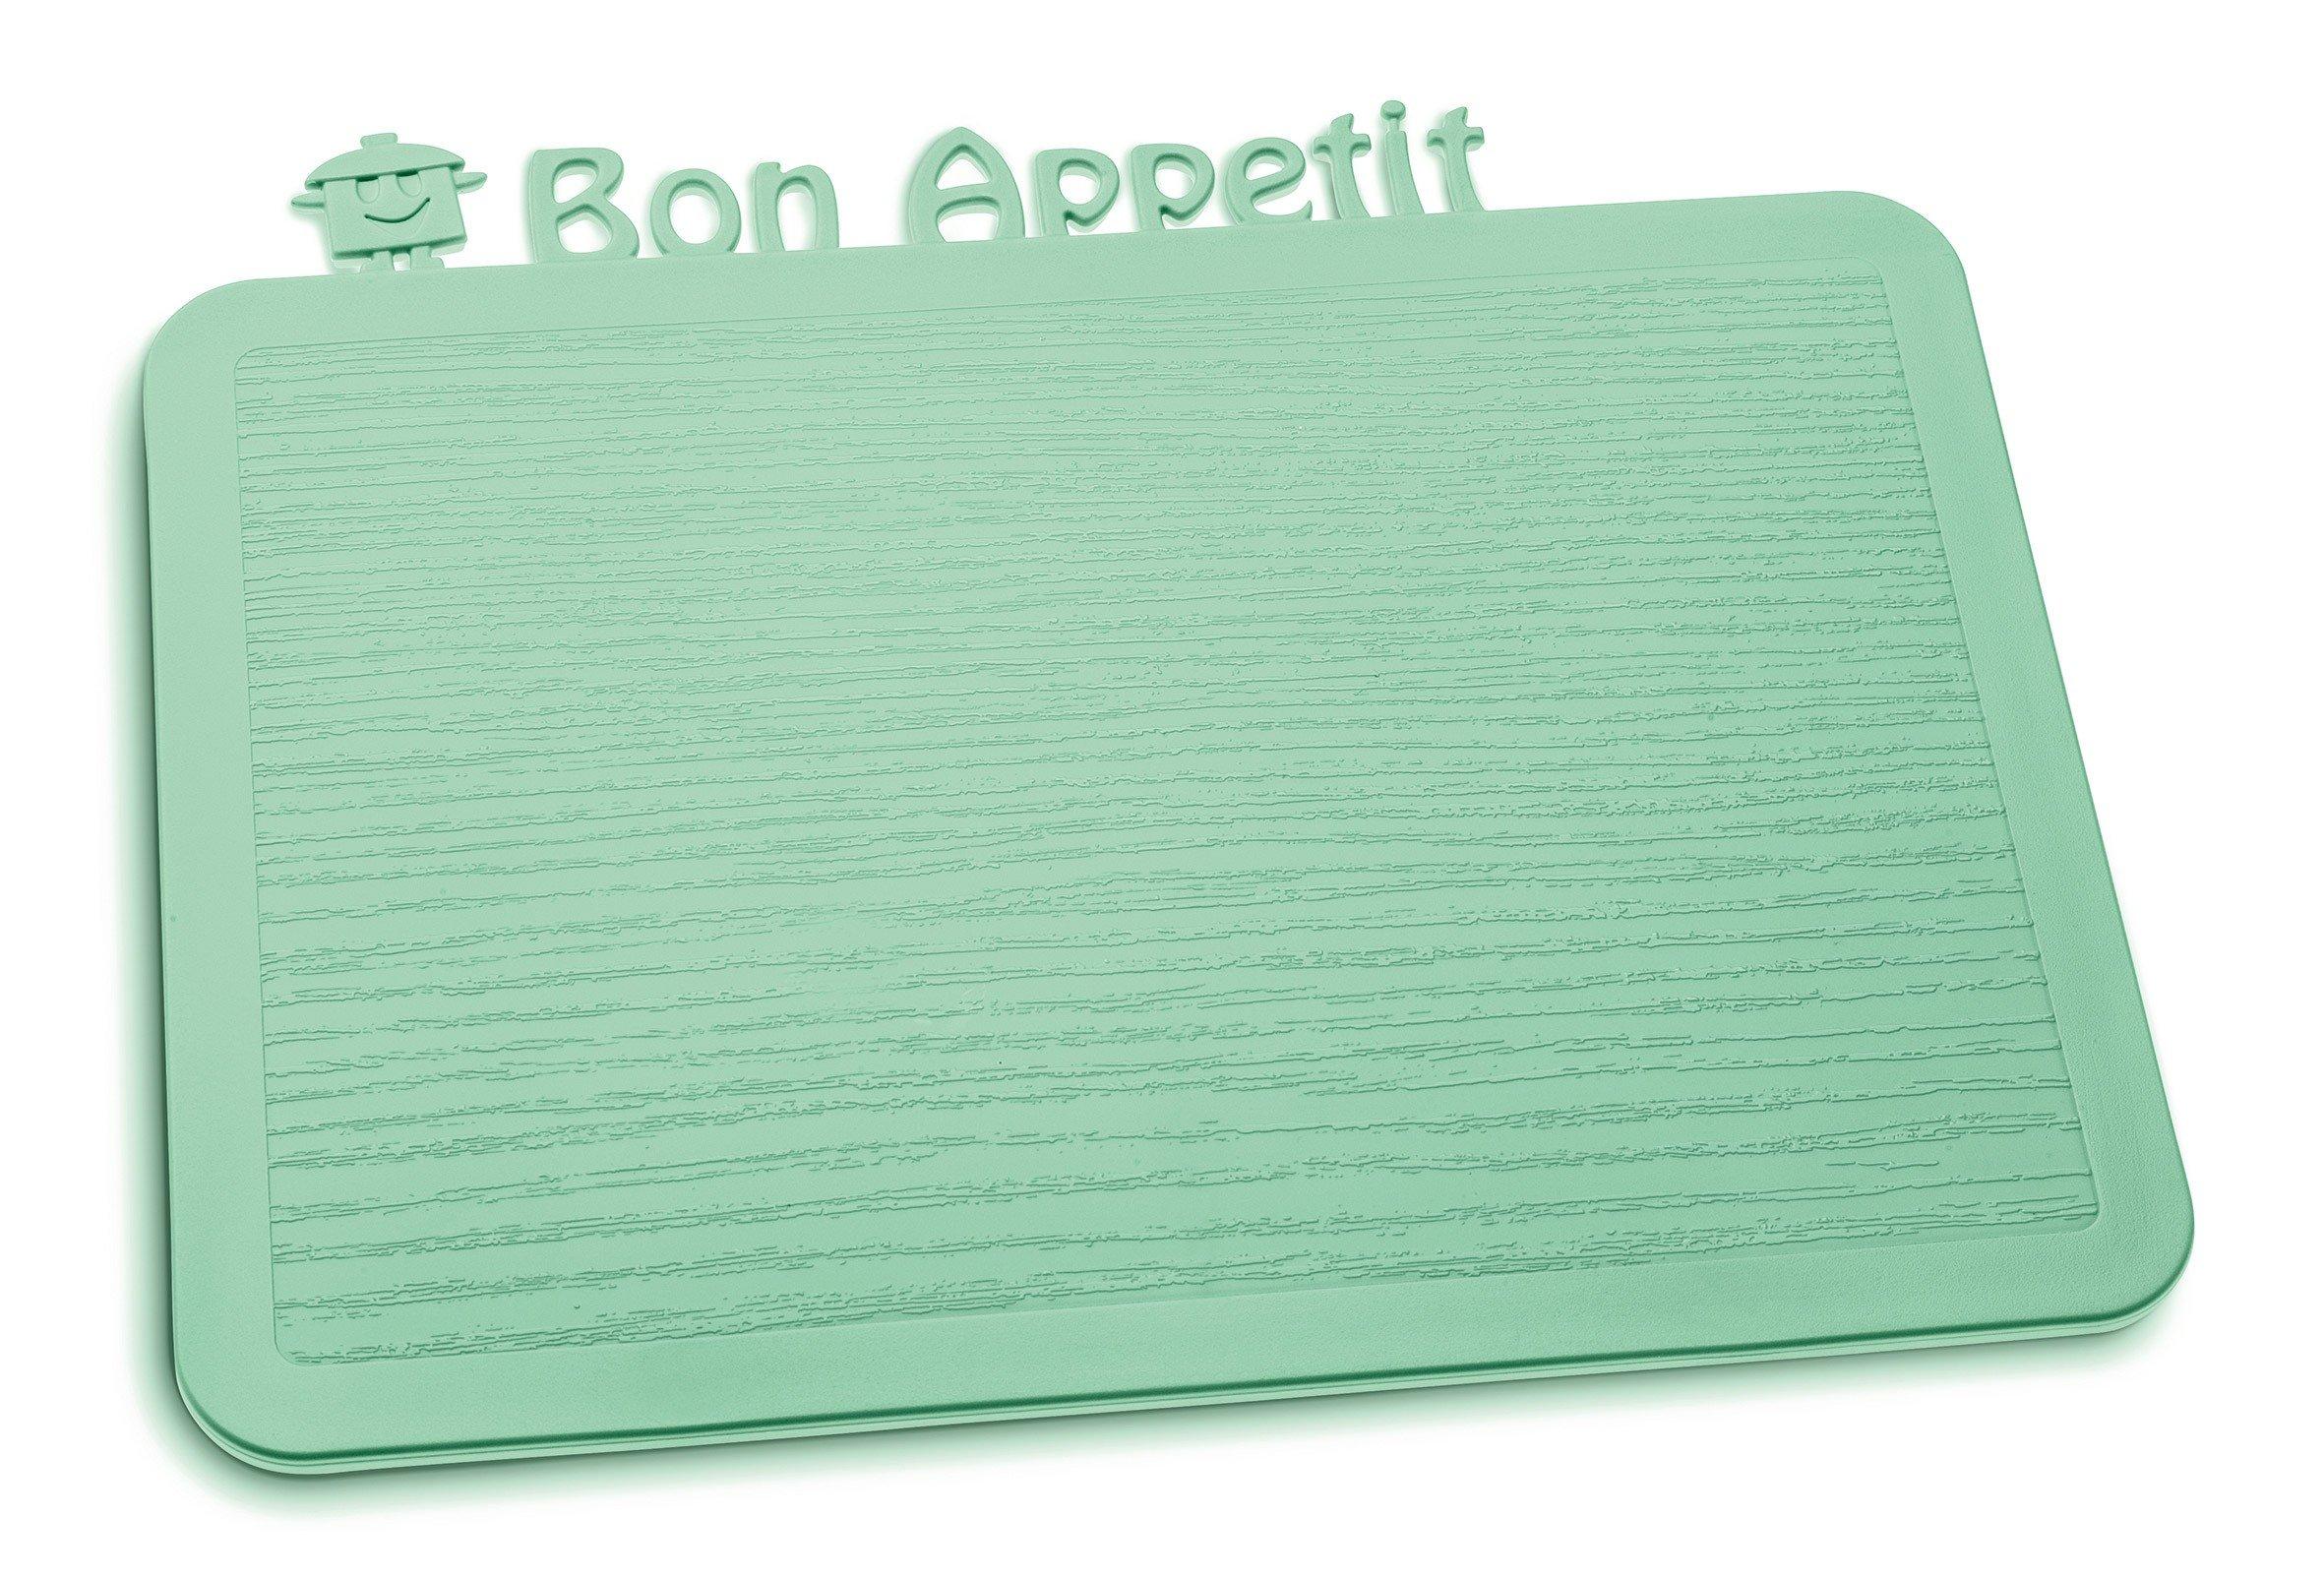 Deska śniadaniowa Happy Boards Bon Appetit miętowa